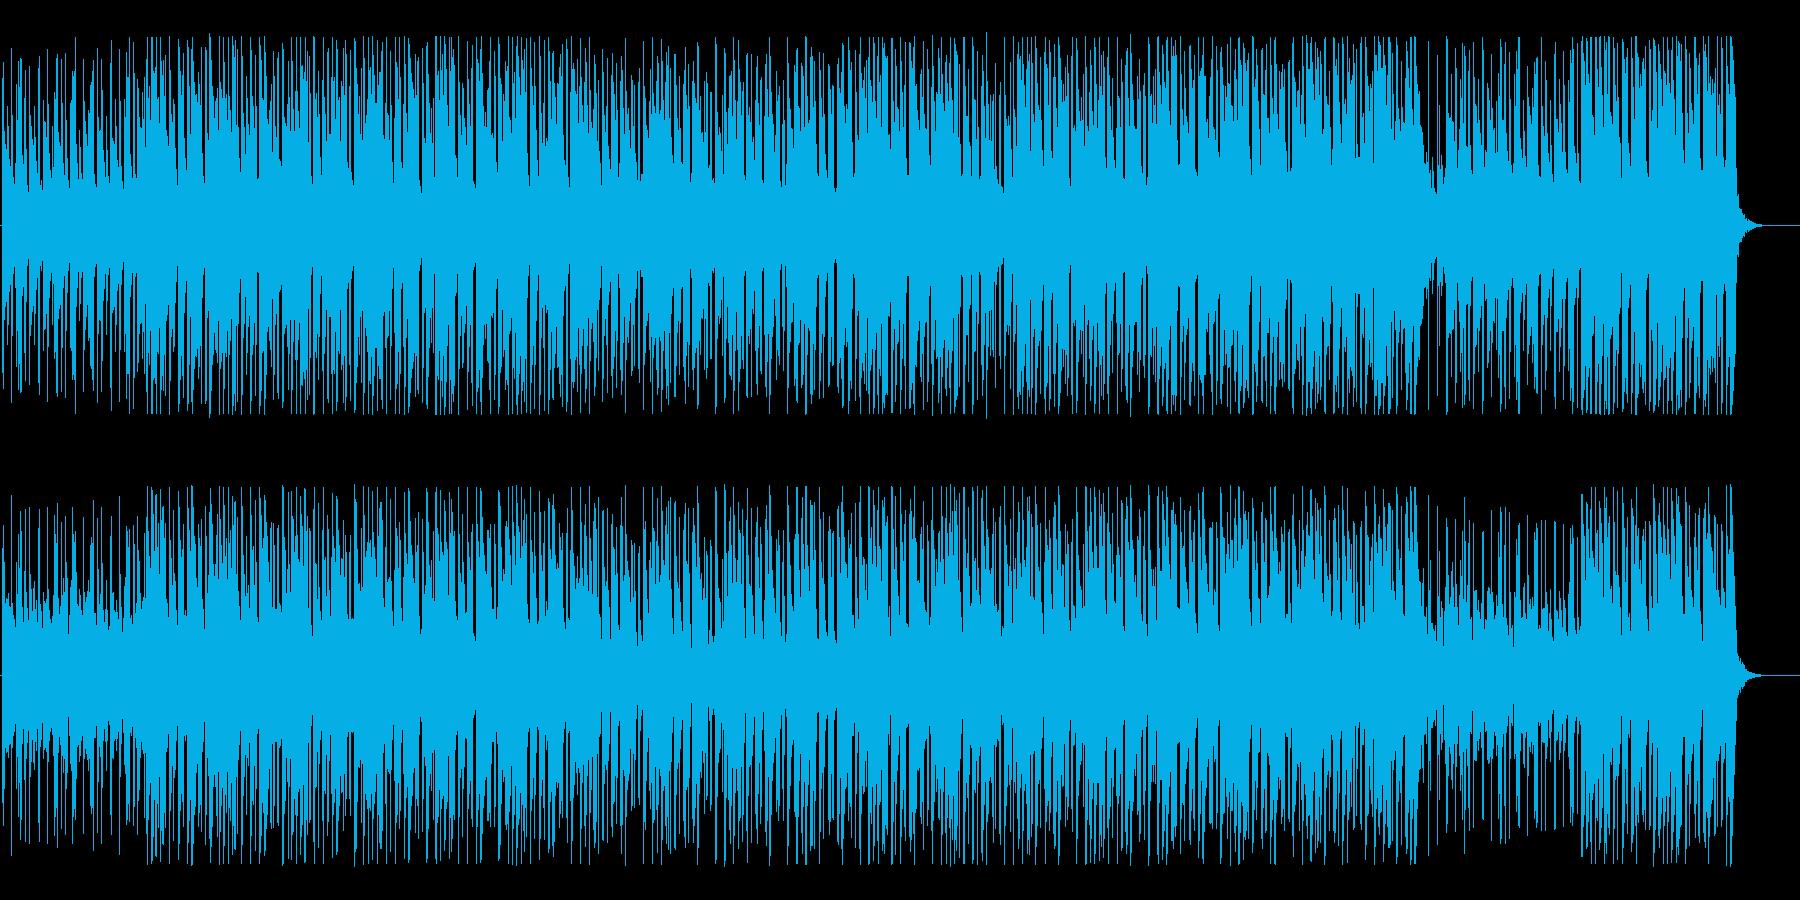 どこか幻想的なゆったりとしたBGMの再生済みの波形